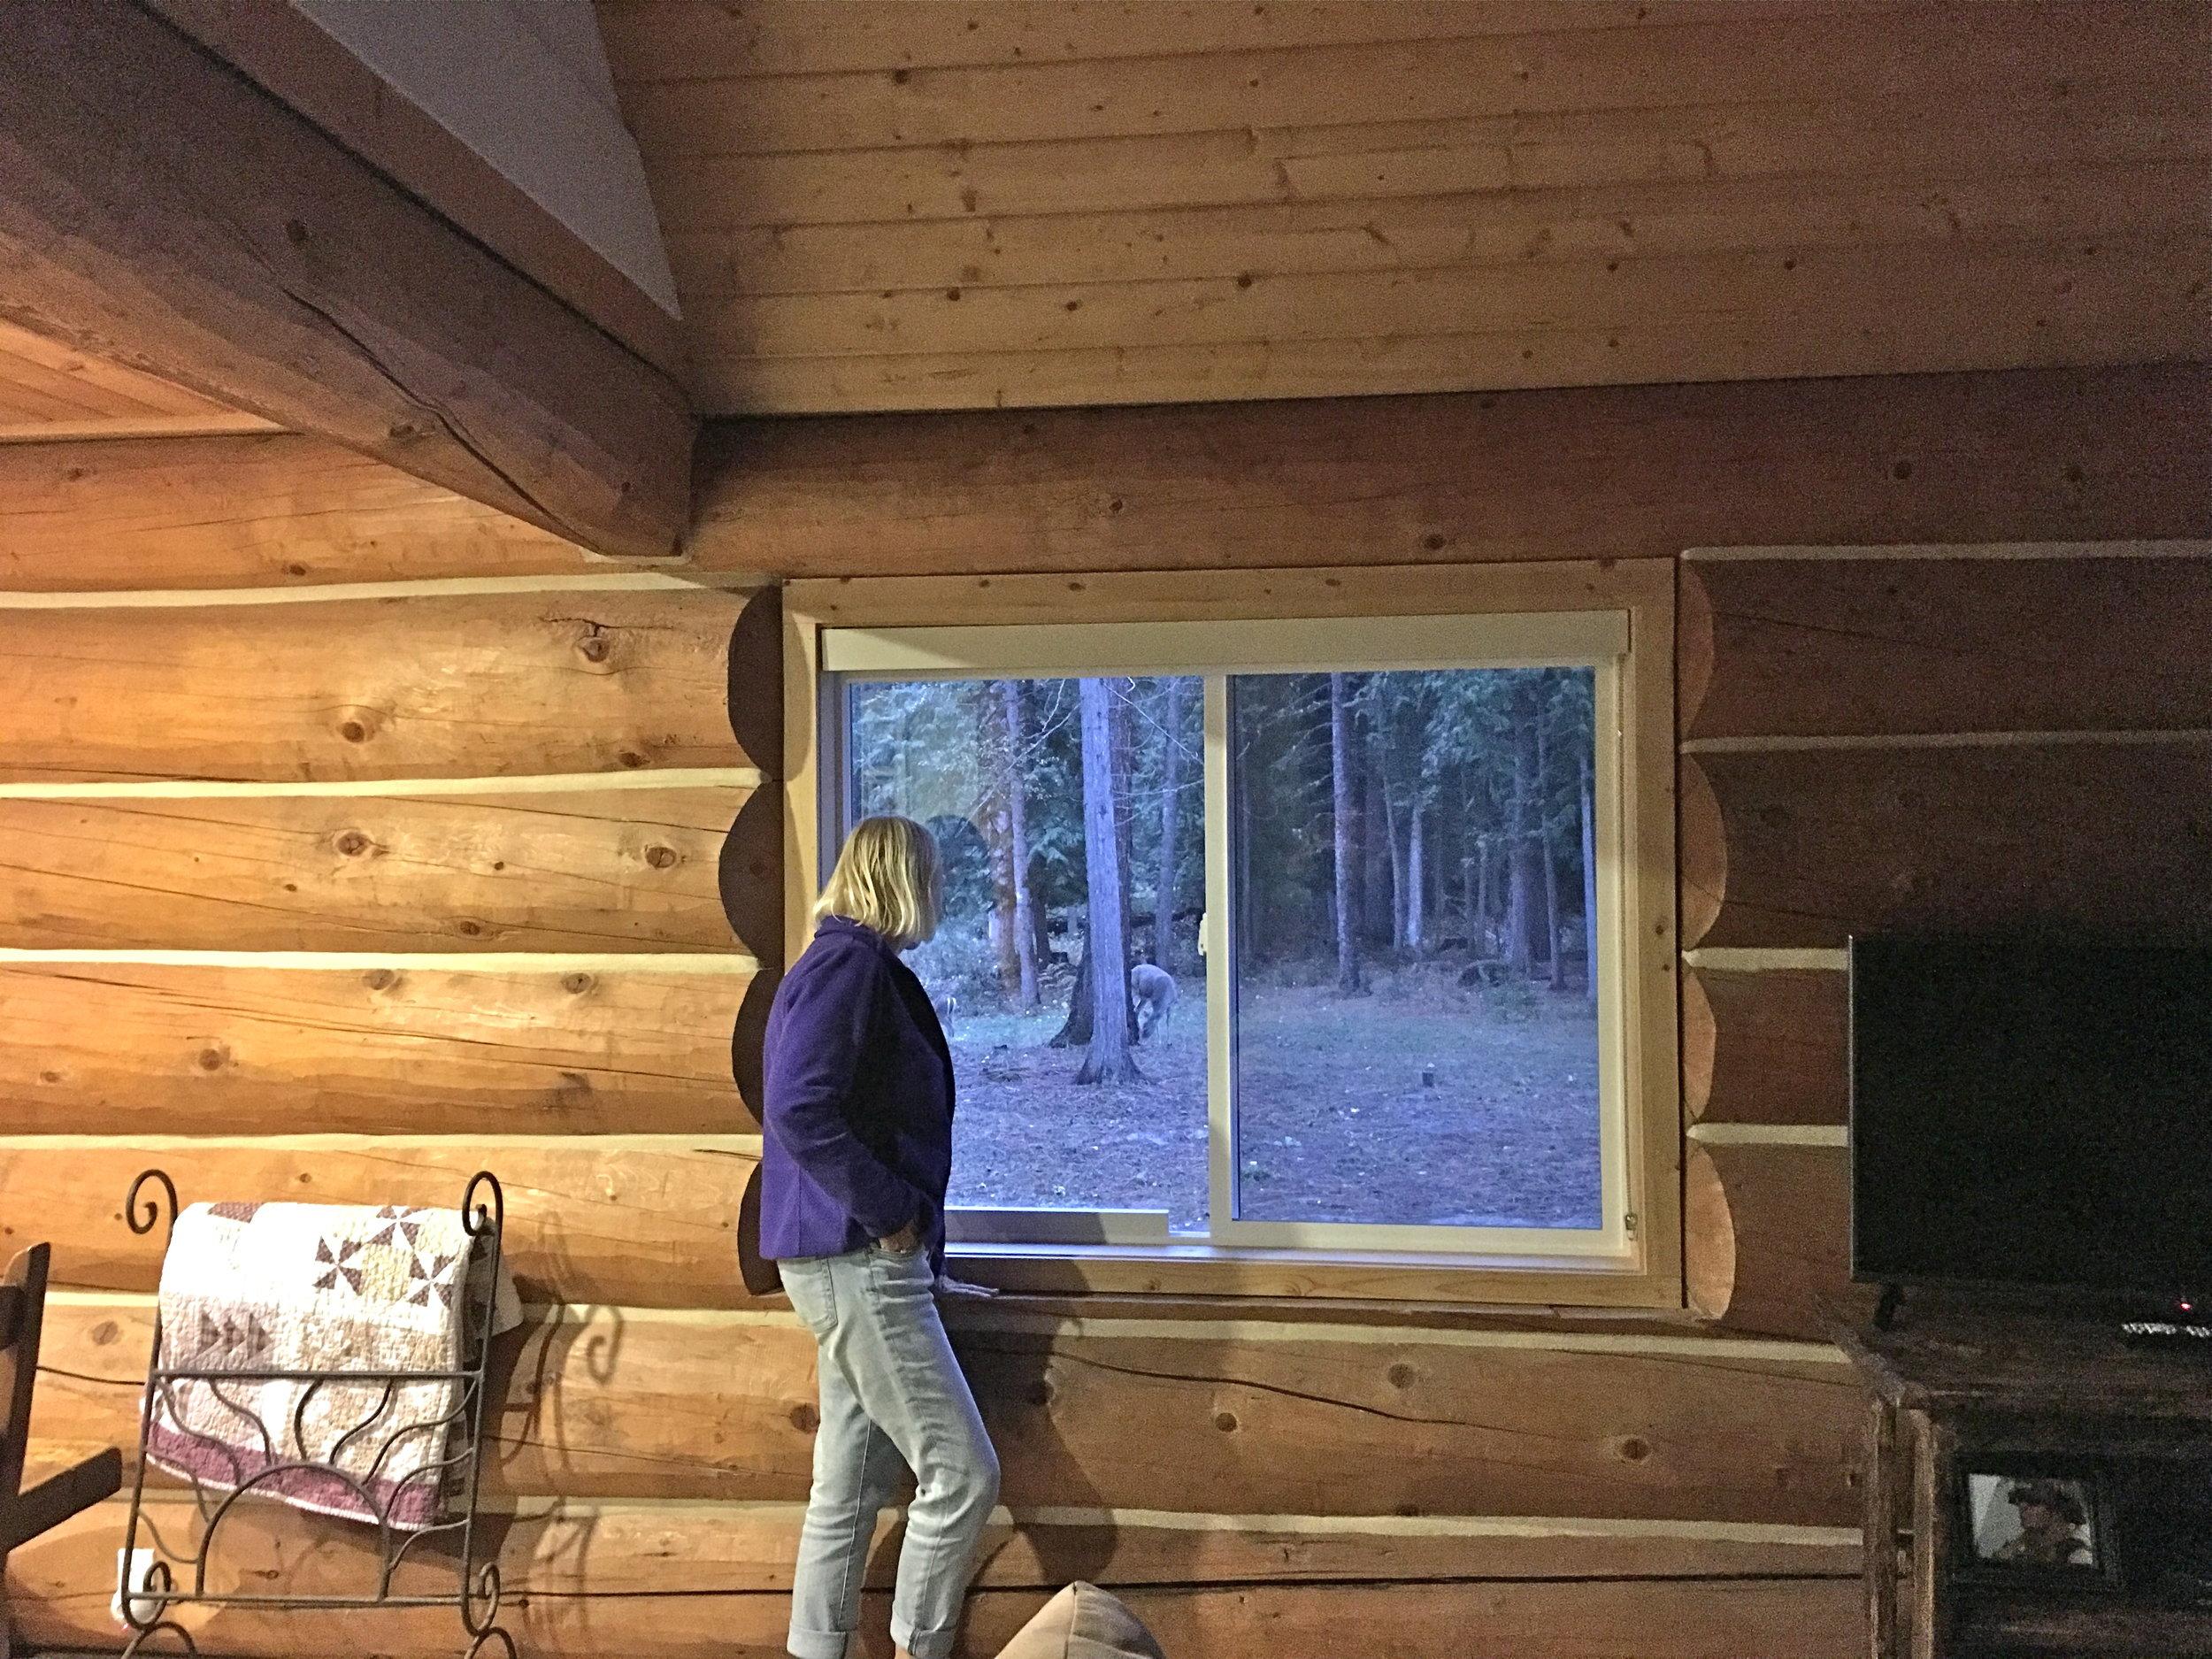 Jane watching the deer.